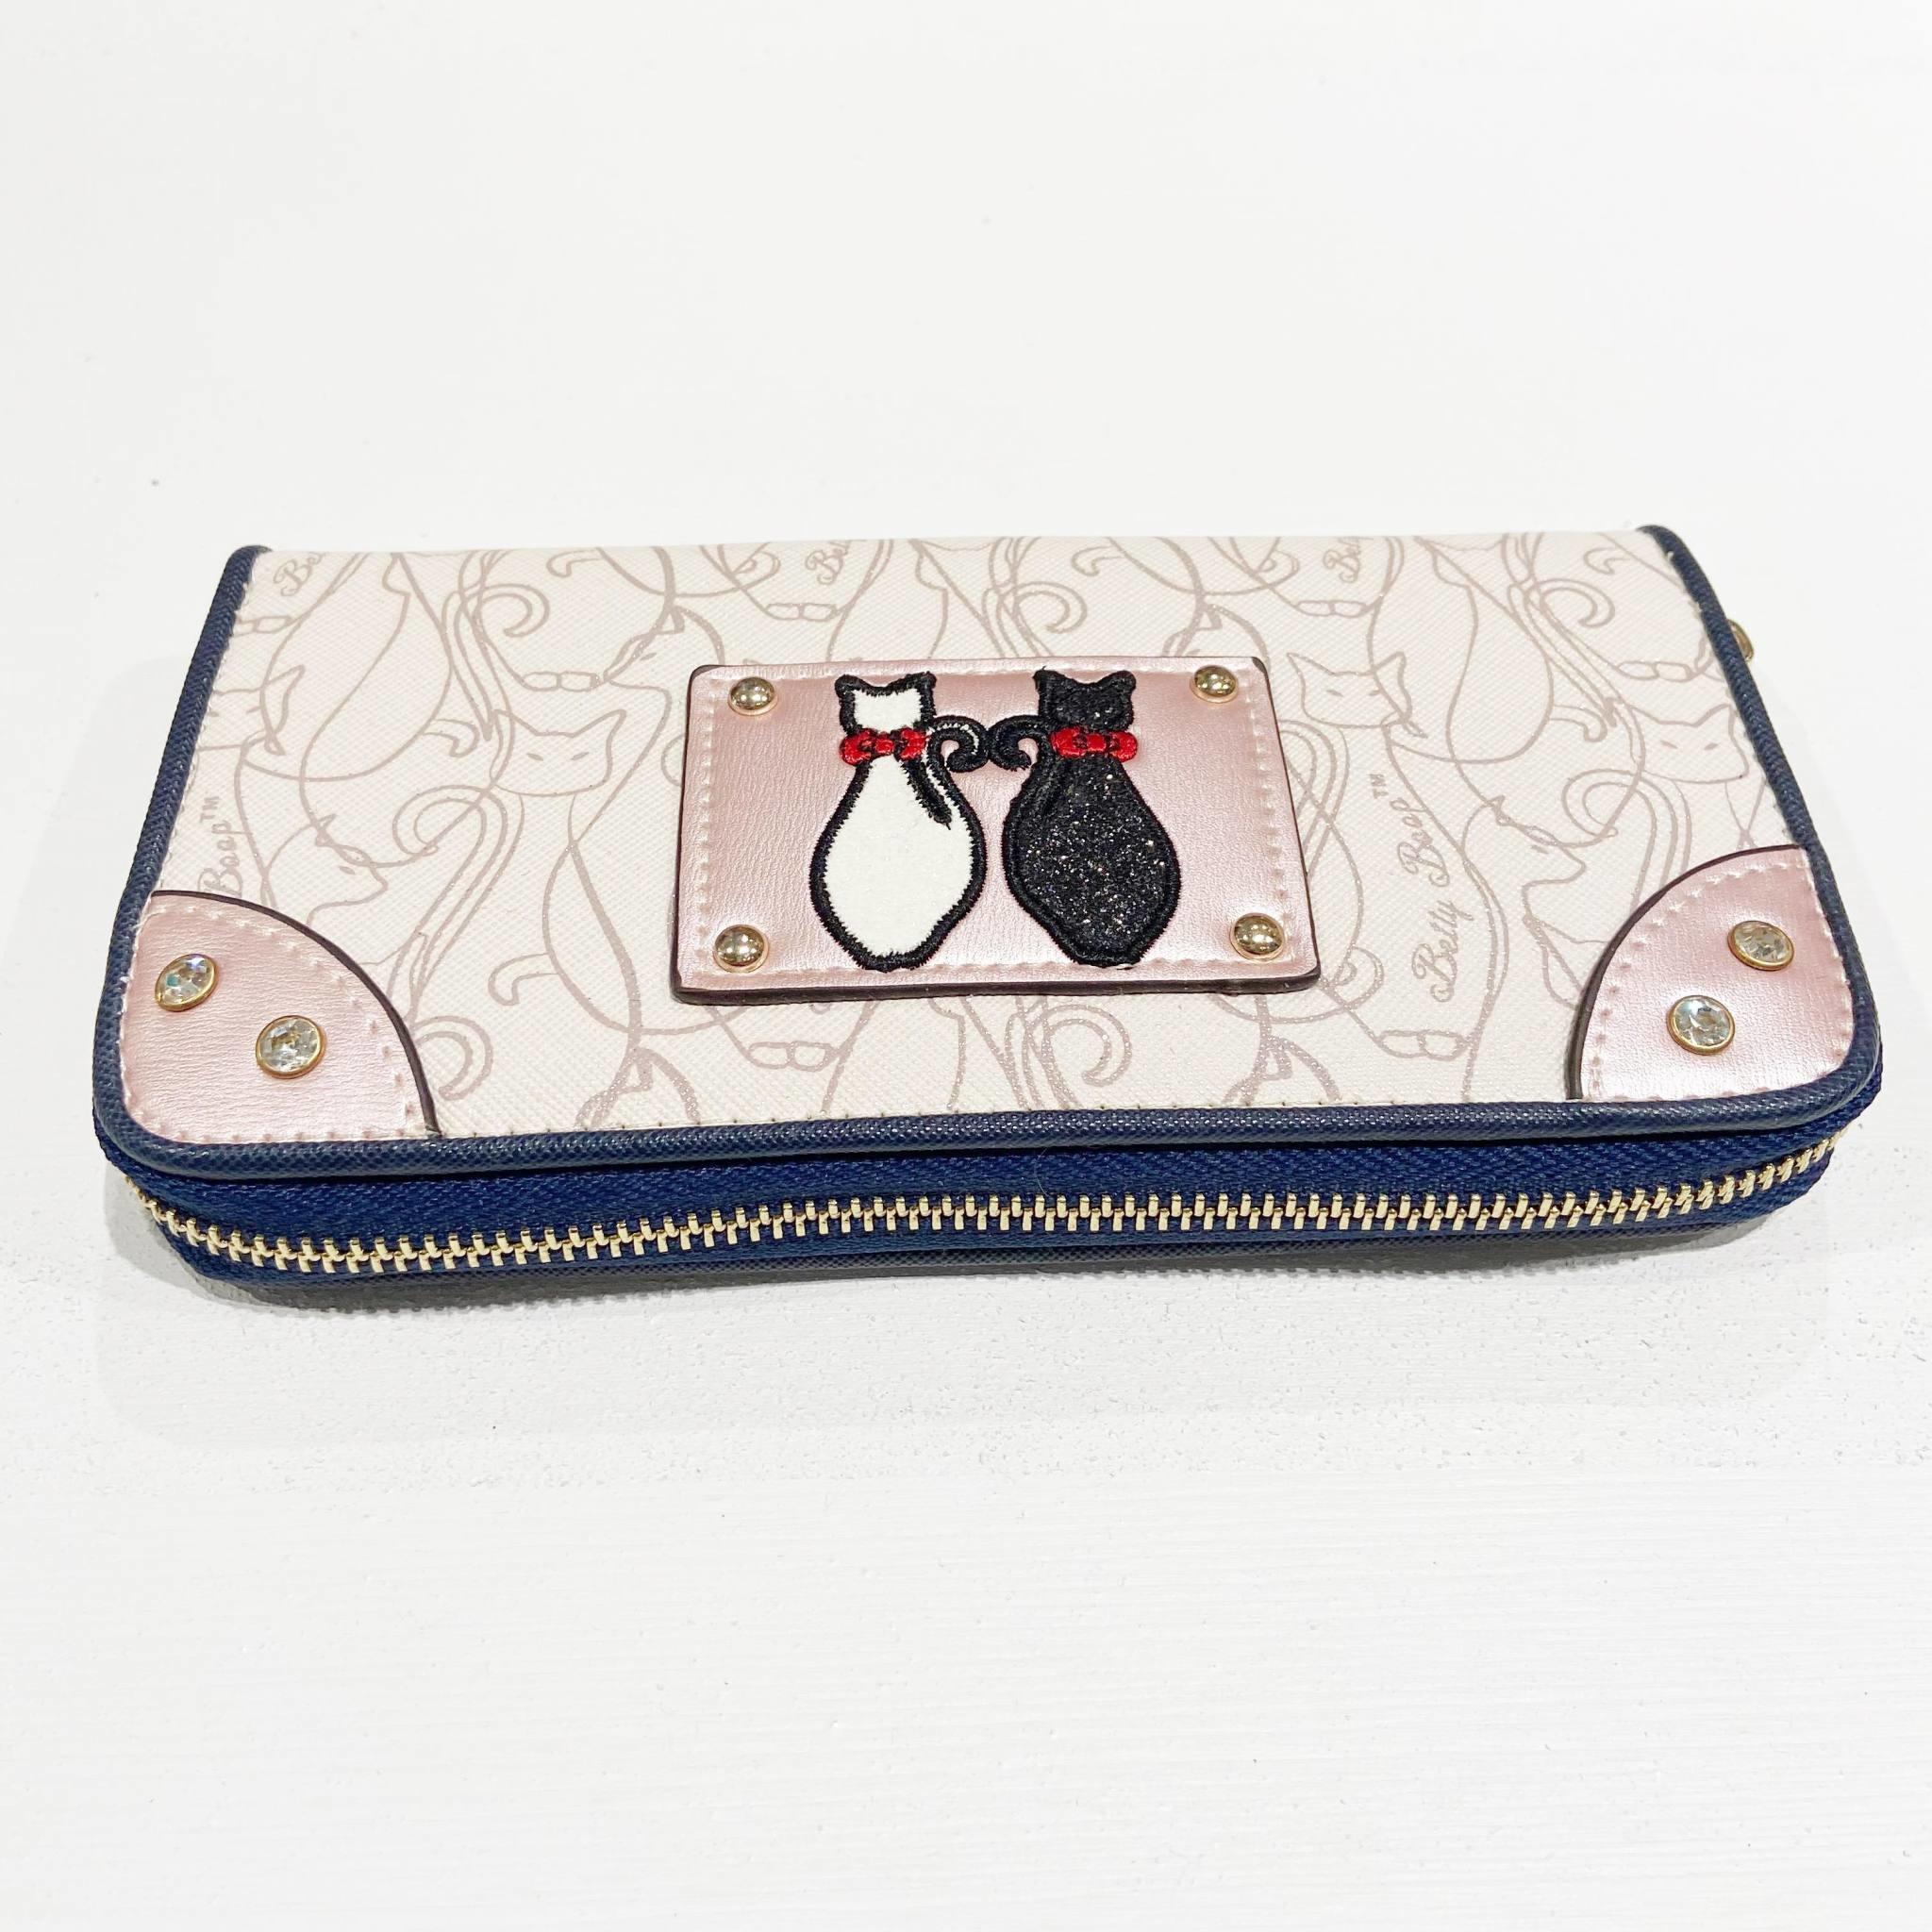 A200292-18 Cat Wallet